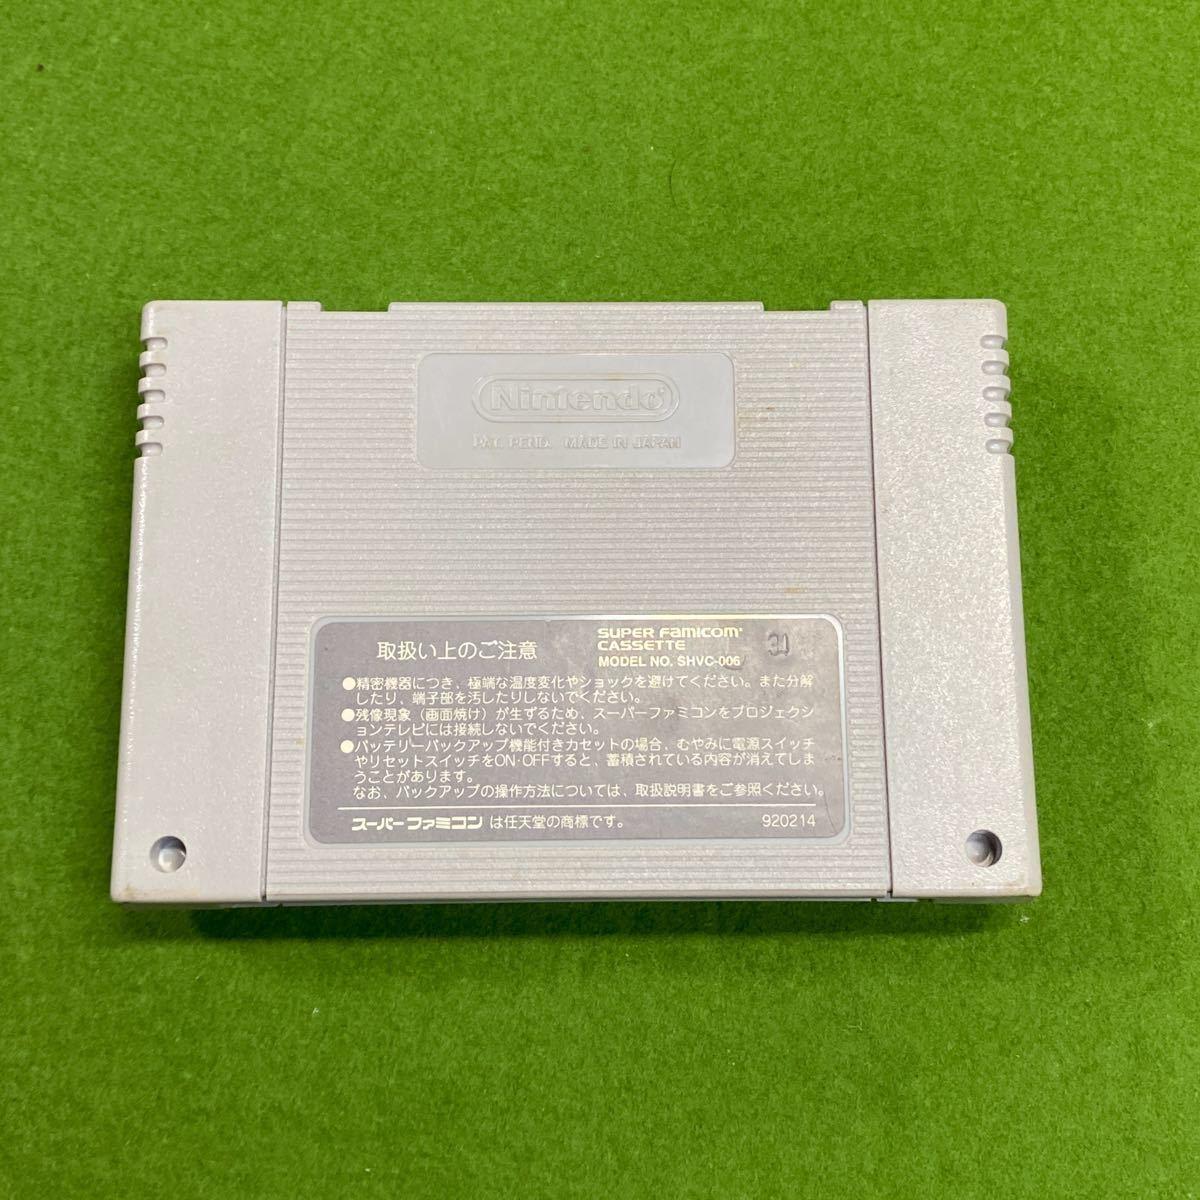 正規品 極美品 奇々怪界 月夜草子 送料無料 レア ソフト スーパーファミコン カセット レトロゲーム SFC 中古 動作確認済み